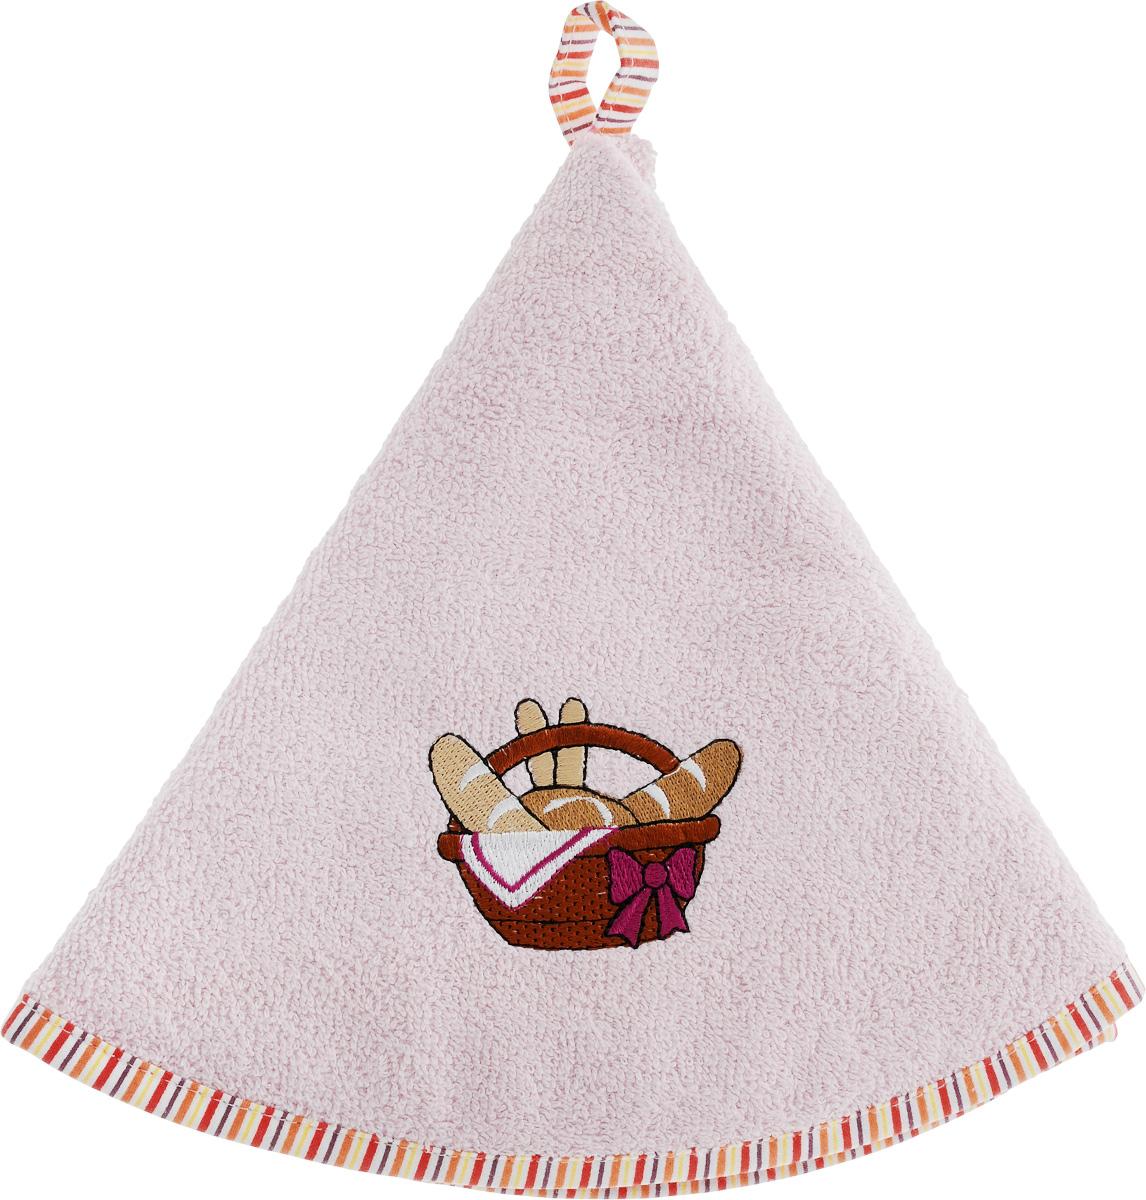 Салфетка кухонная Karna Zelina, цвет: светло-розовый, диаметр 50 см. 504/CHAR001FD 992Круглая кухонная салфетка Karna Zelina выполнена из приятной на ощупь махровой ткани (100% хлопок). Изделие отлично впитывает влагу, быстро сохнет, сохраняет яркость цвета и не теряет форму даже после многократных стирок. Салфетка дополнена каймой контрастного цвета и красивой вышивкой. С помощью специальной петельки ее удобно вешать на крючок. Салфетка очень практична и неприхотлива в уходе. Она создаст прекрасное настроение и дополнит интерьер.